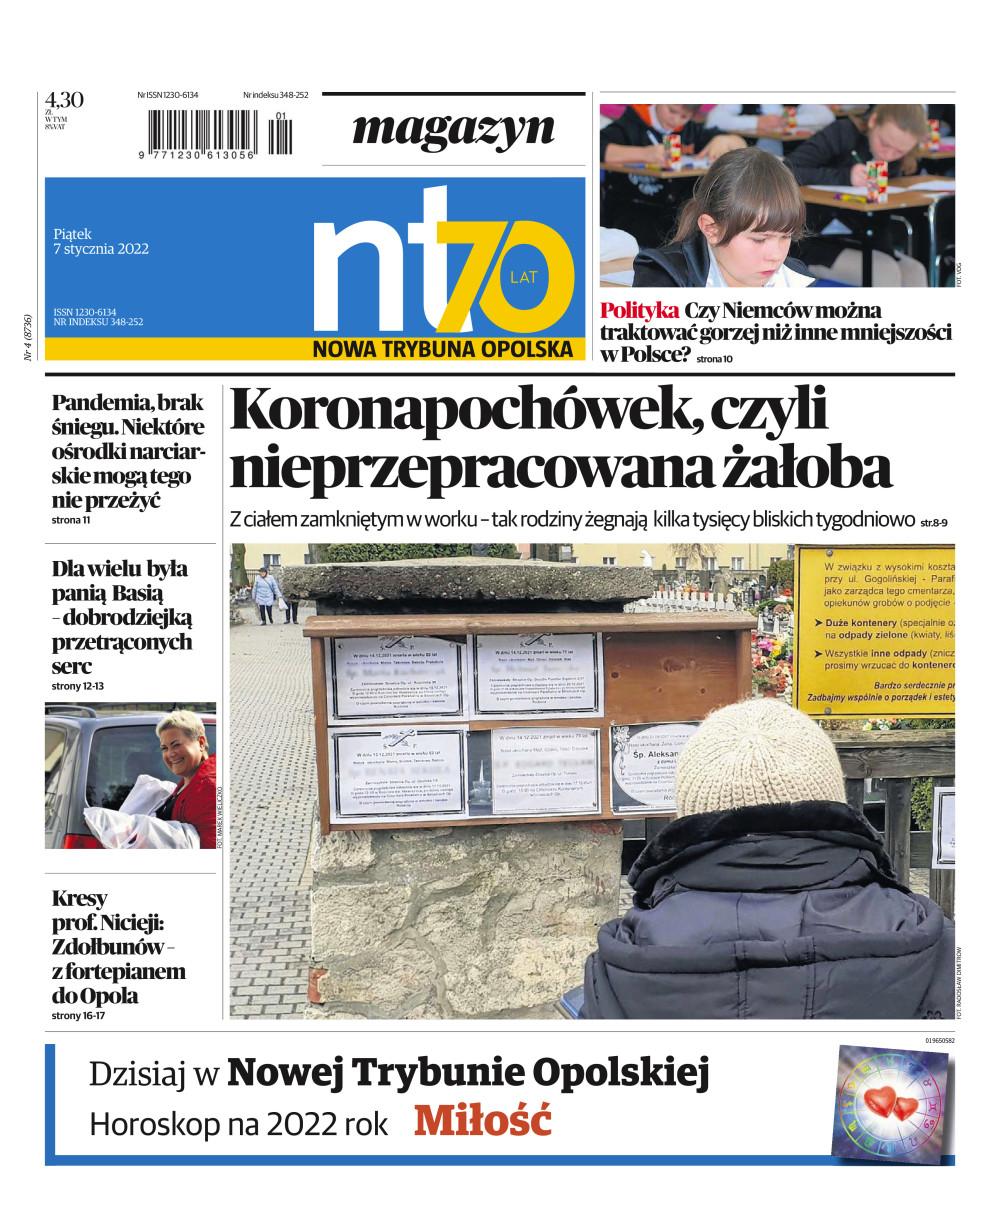 Nowa Trybuna Opolska - regionalne e-wydania